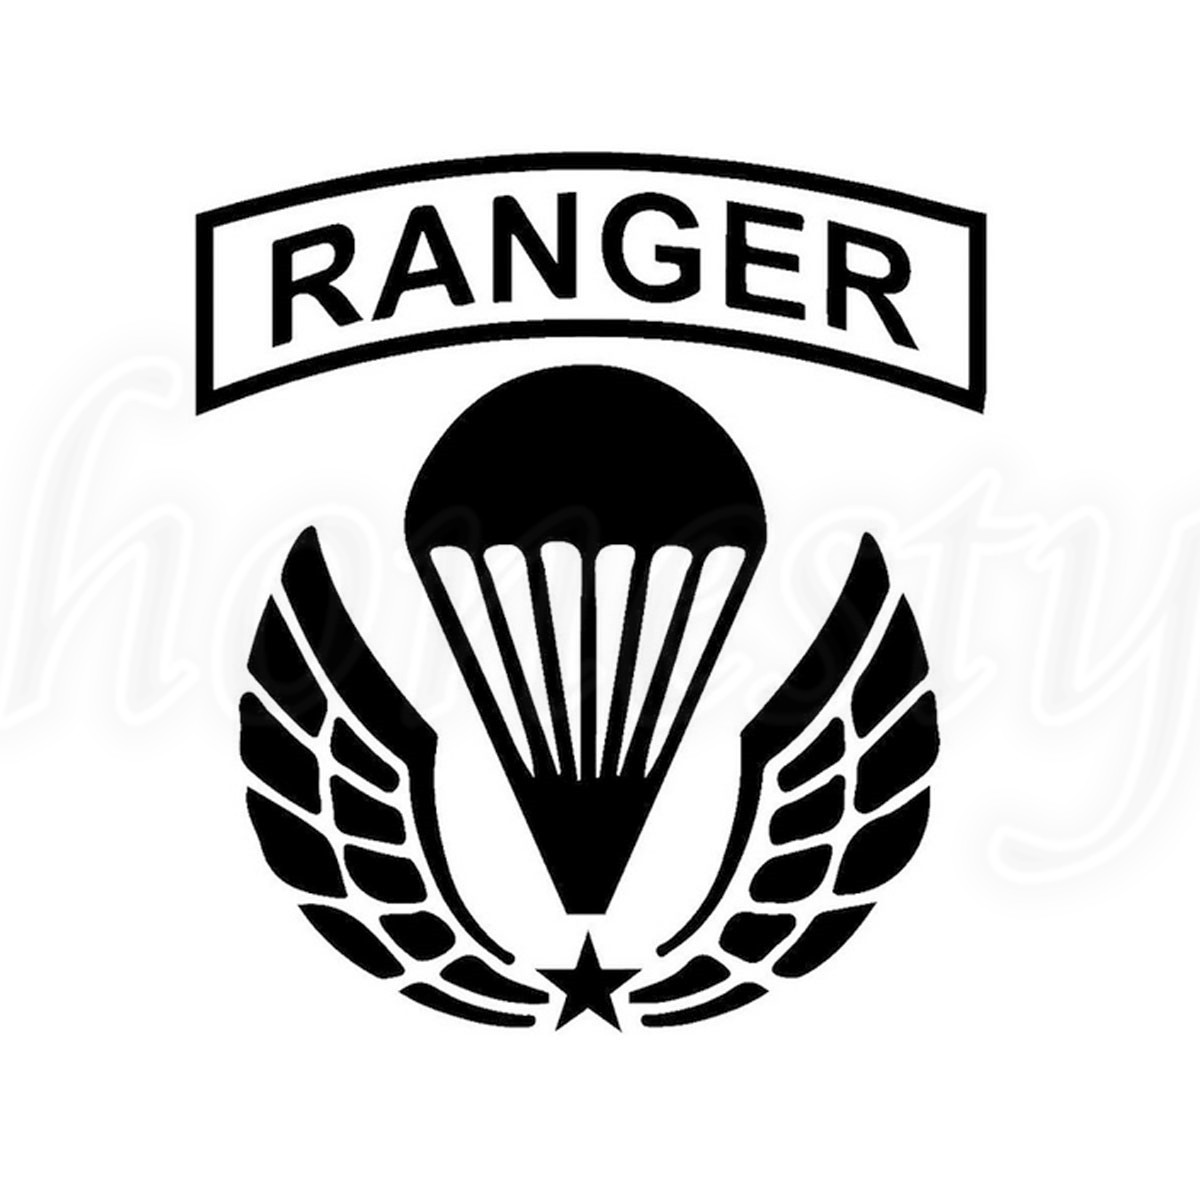 Yüksek Kaliteli Toptan Satış ranger sticker Çindeki ranger